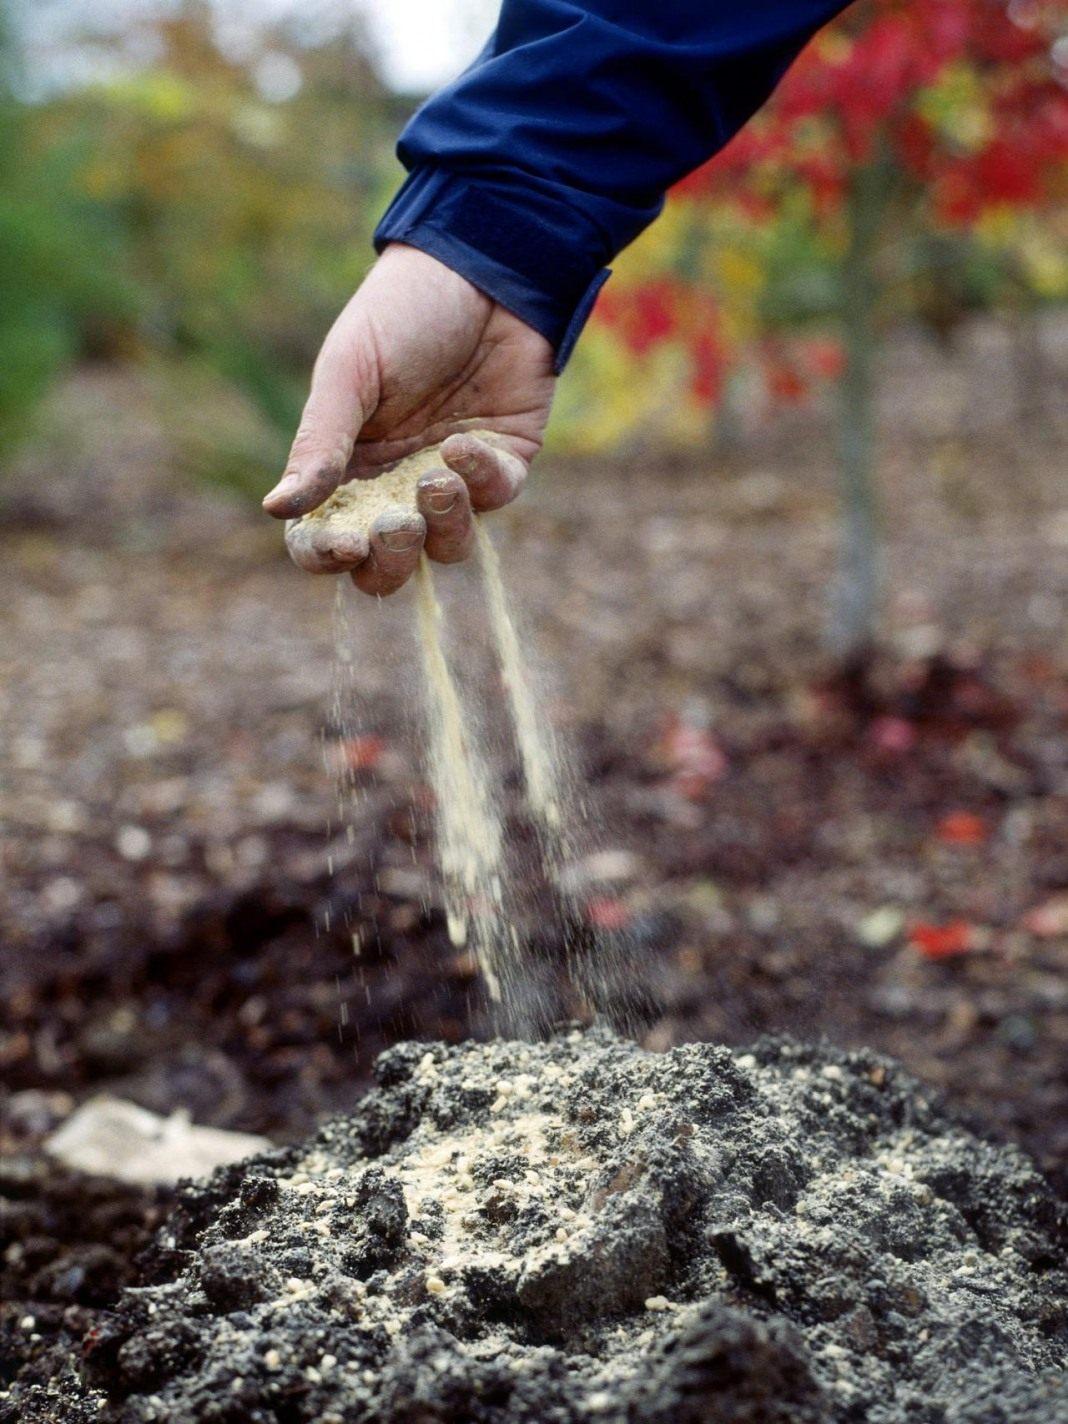 Чем удобрять землю осенью, если нет навоза: органические и минеральные удобрения, сидераты